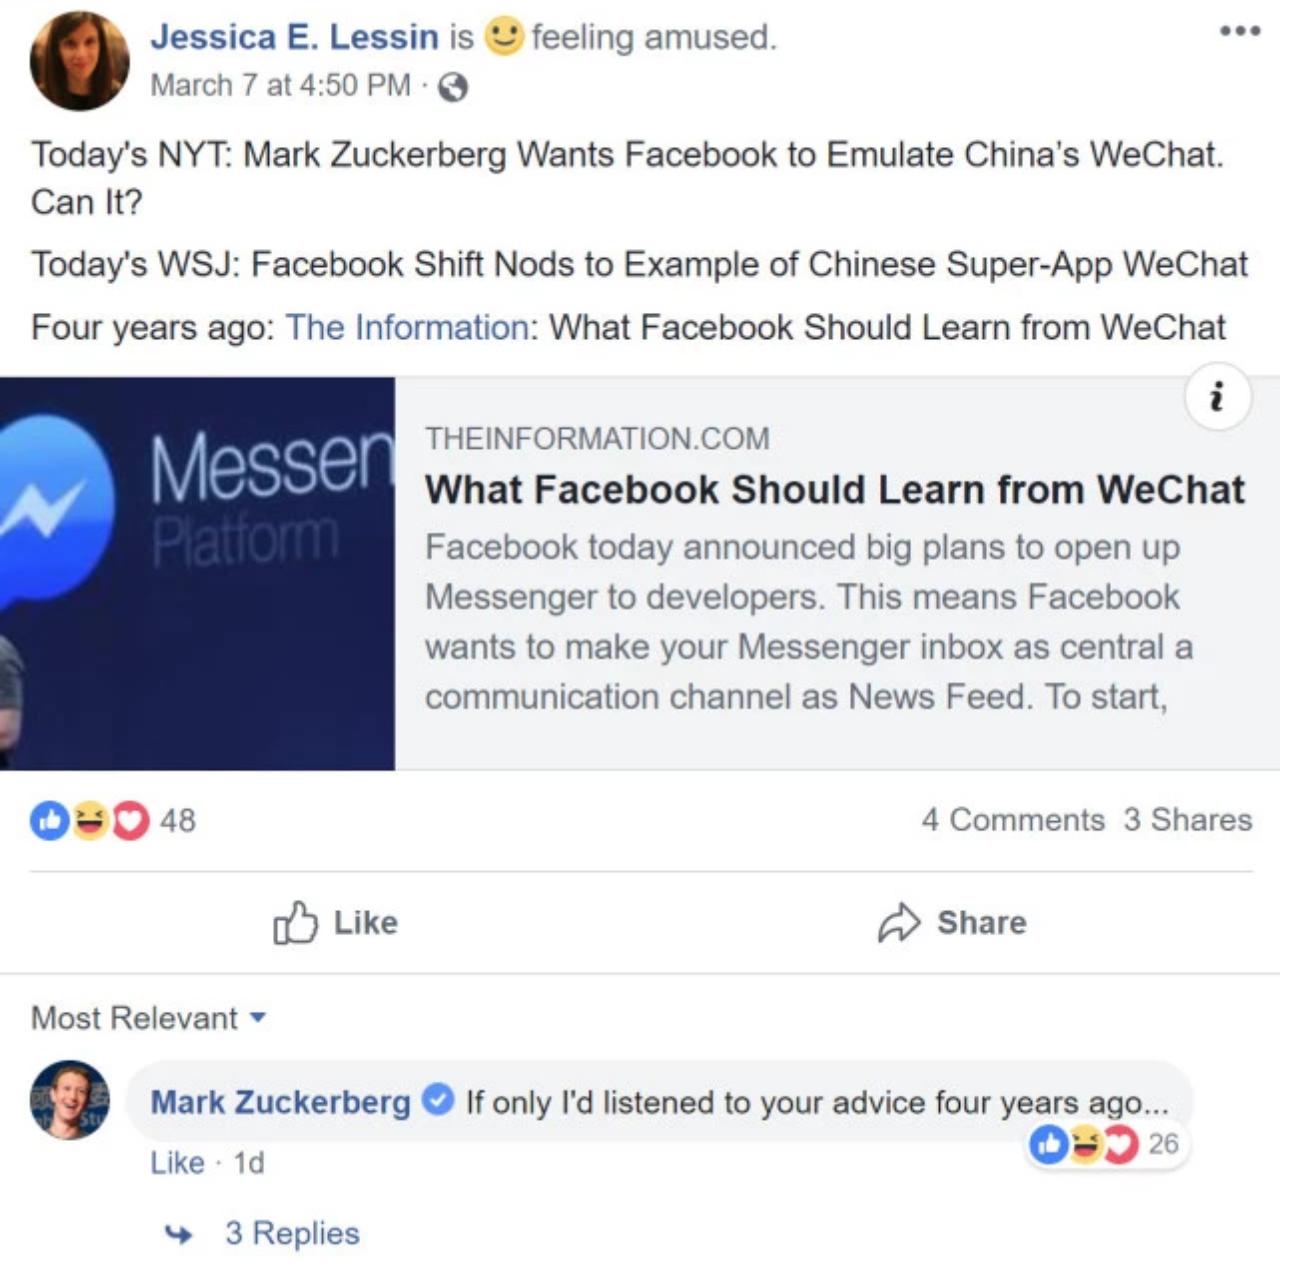 脸书向微信靠拢 扎克伯格:后悔没早点学微信